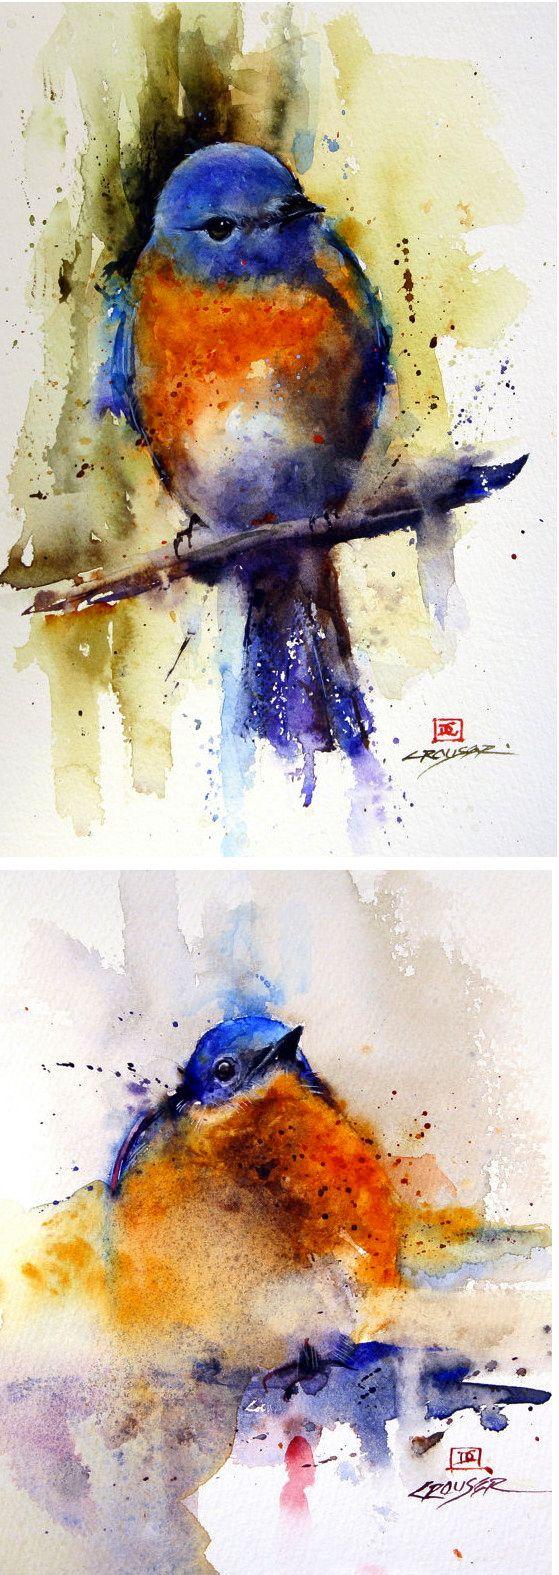 bird art 11